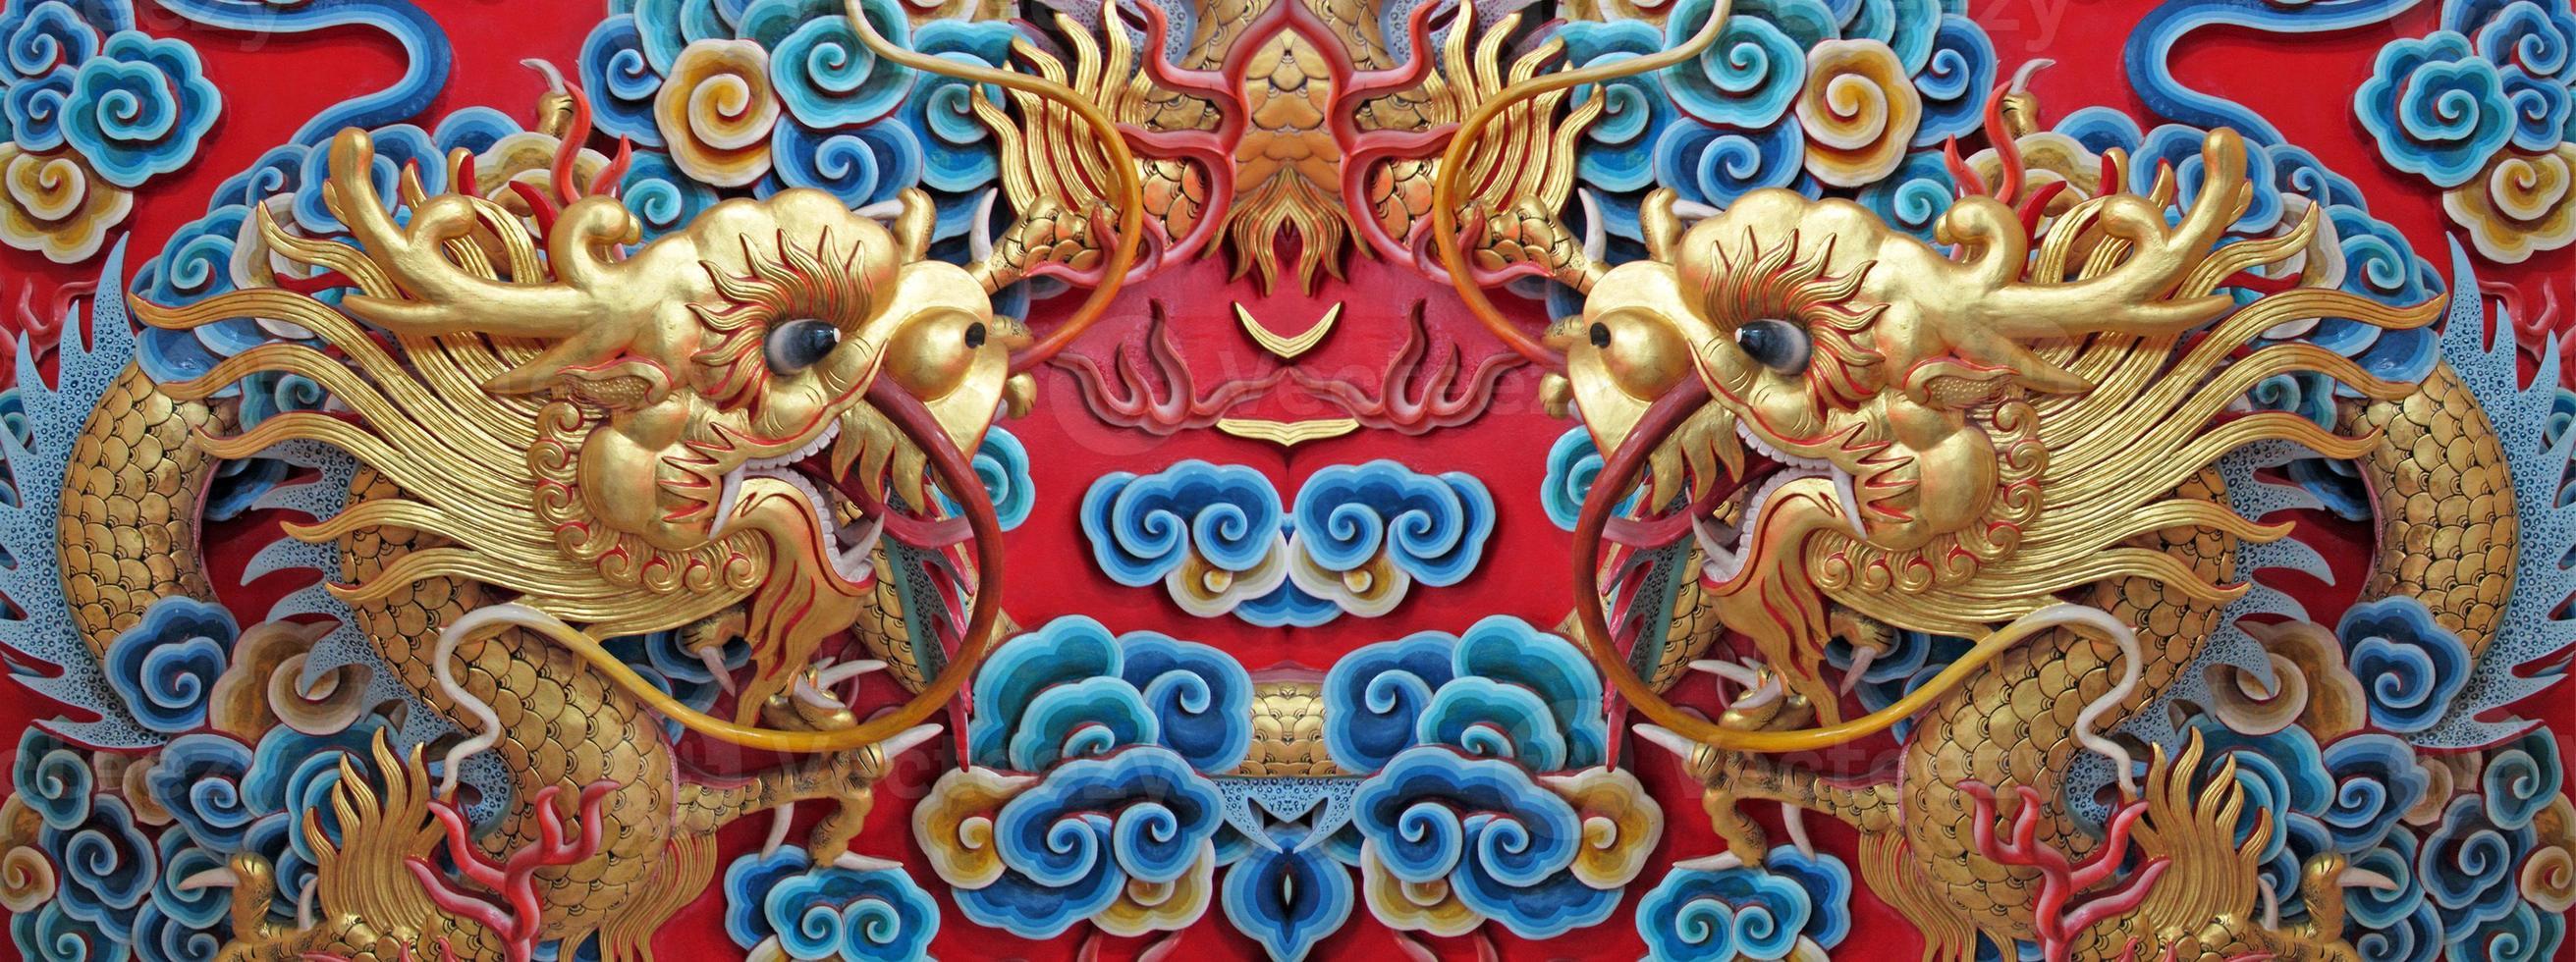 twin dragon photo